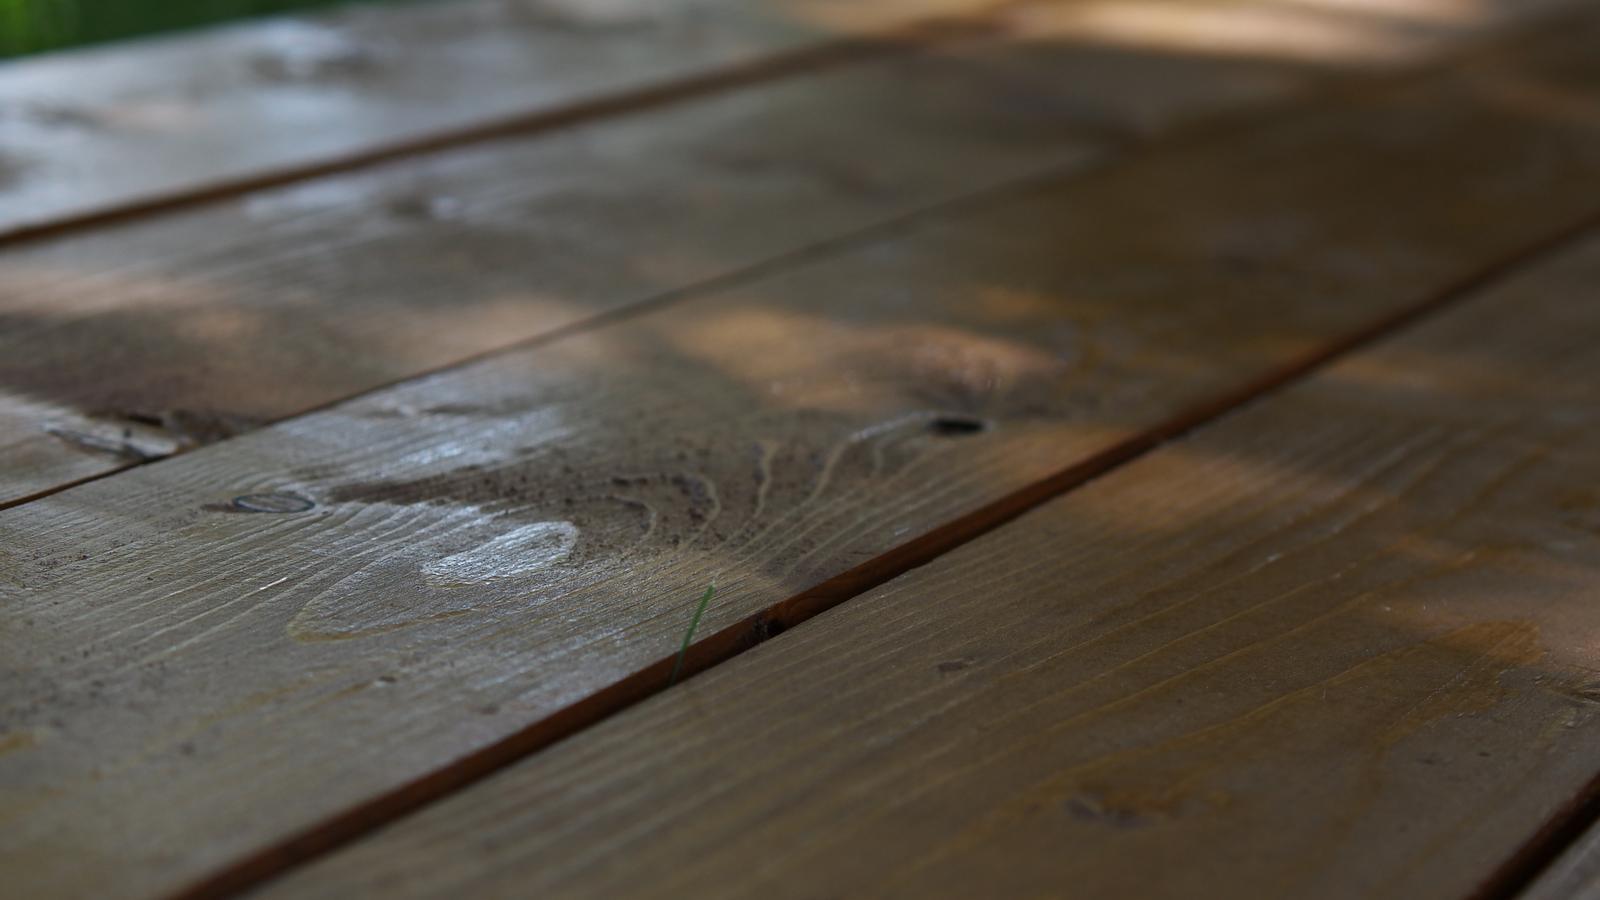 Spálňa - zmena - Drevo 2 x namorené, 1x nalakované, teraz prebrúsiť a ešte lak. A hotovo